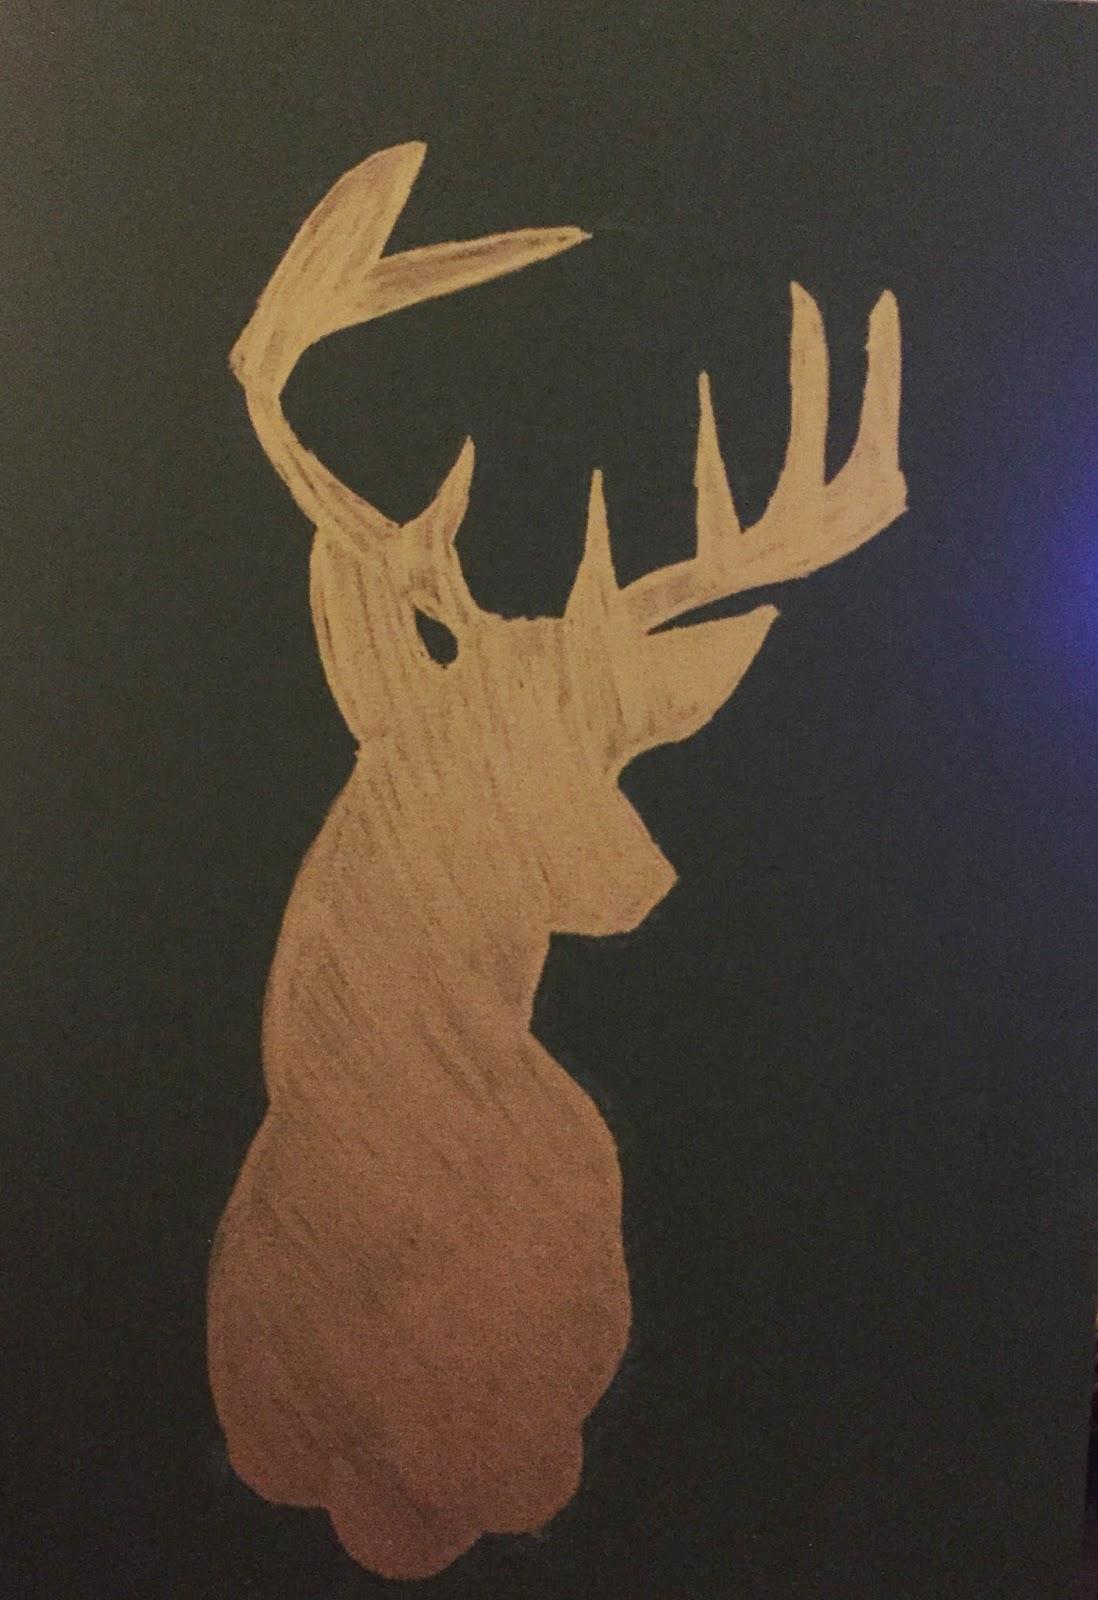 Glittered Reindeer Wall Art